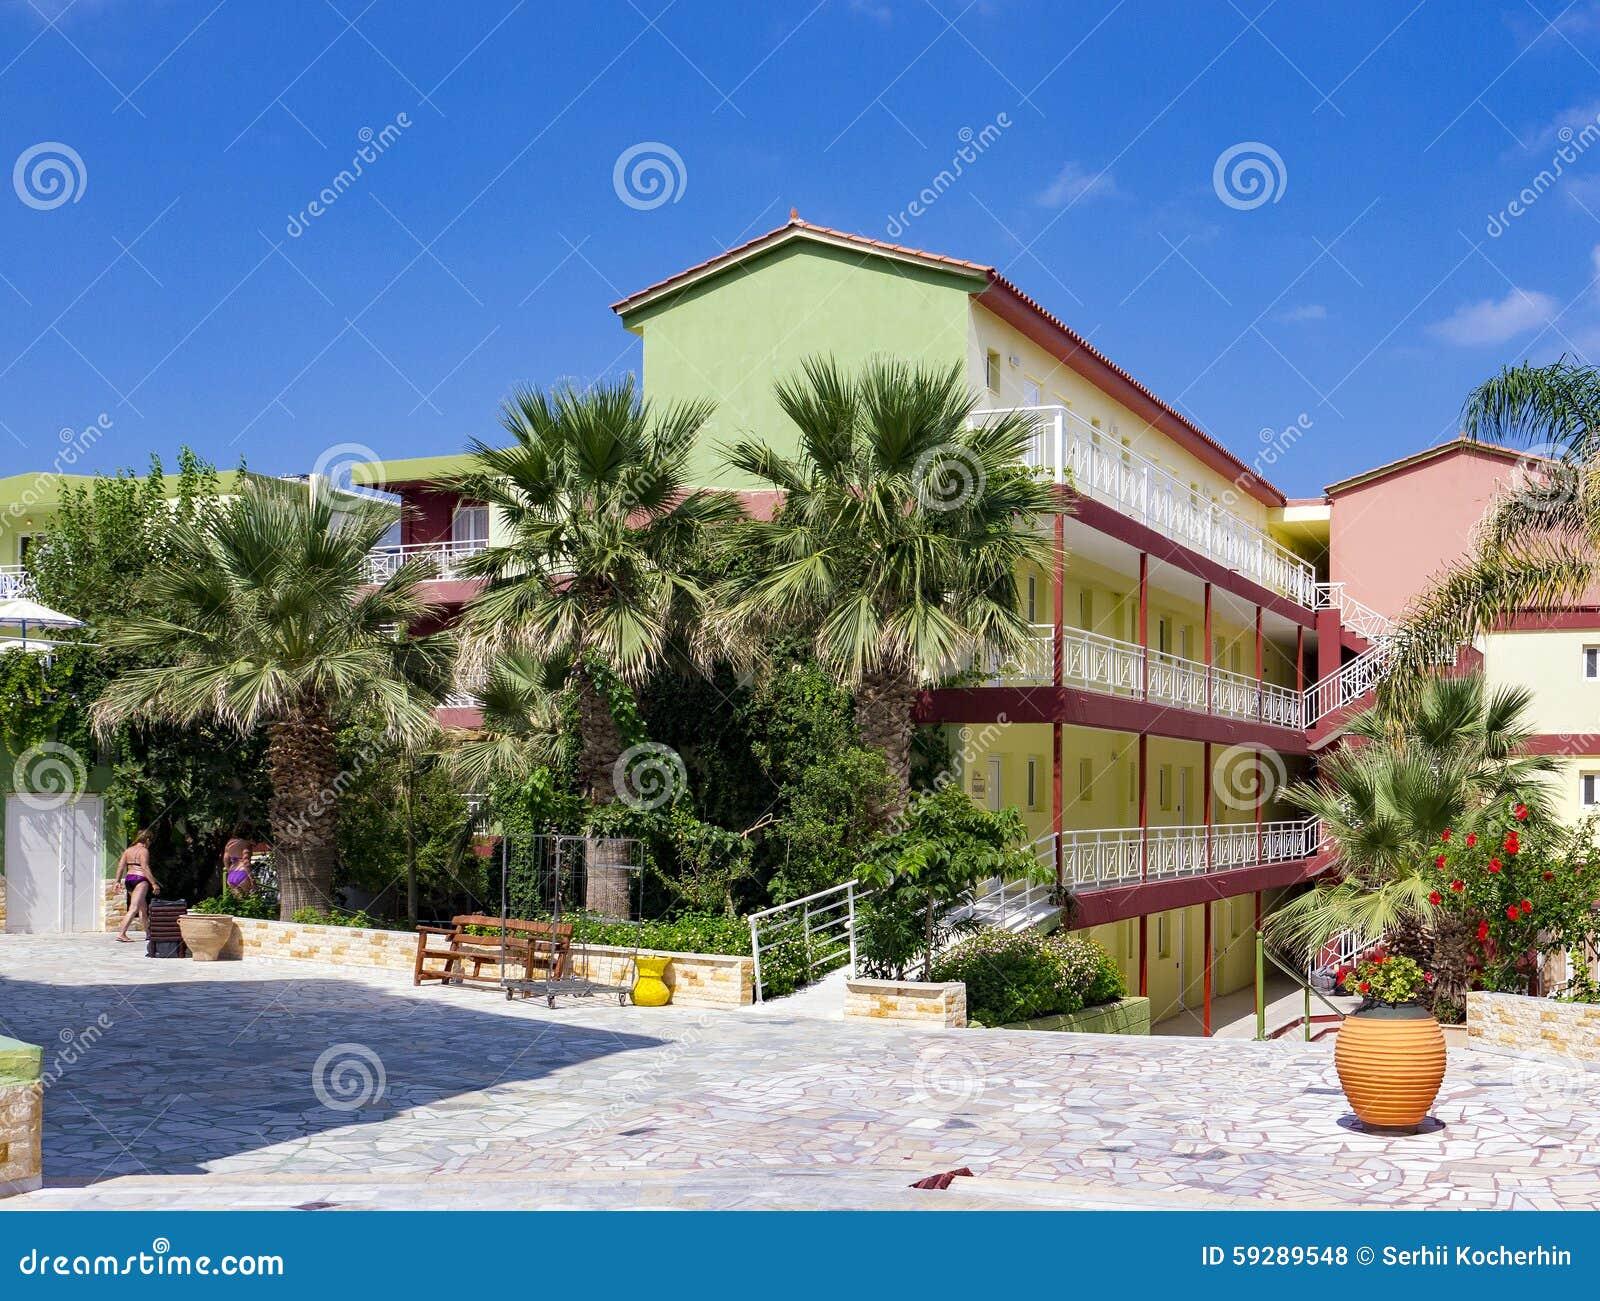 Emejing Soggiorno A Creta Ideas - Amazing Design Ideas 2018 ...